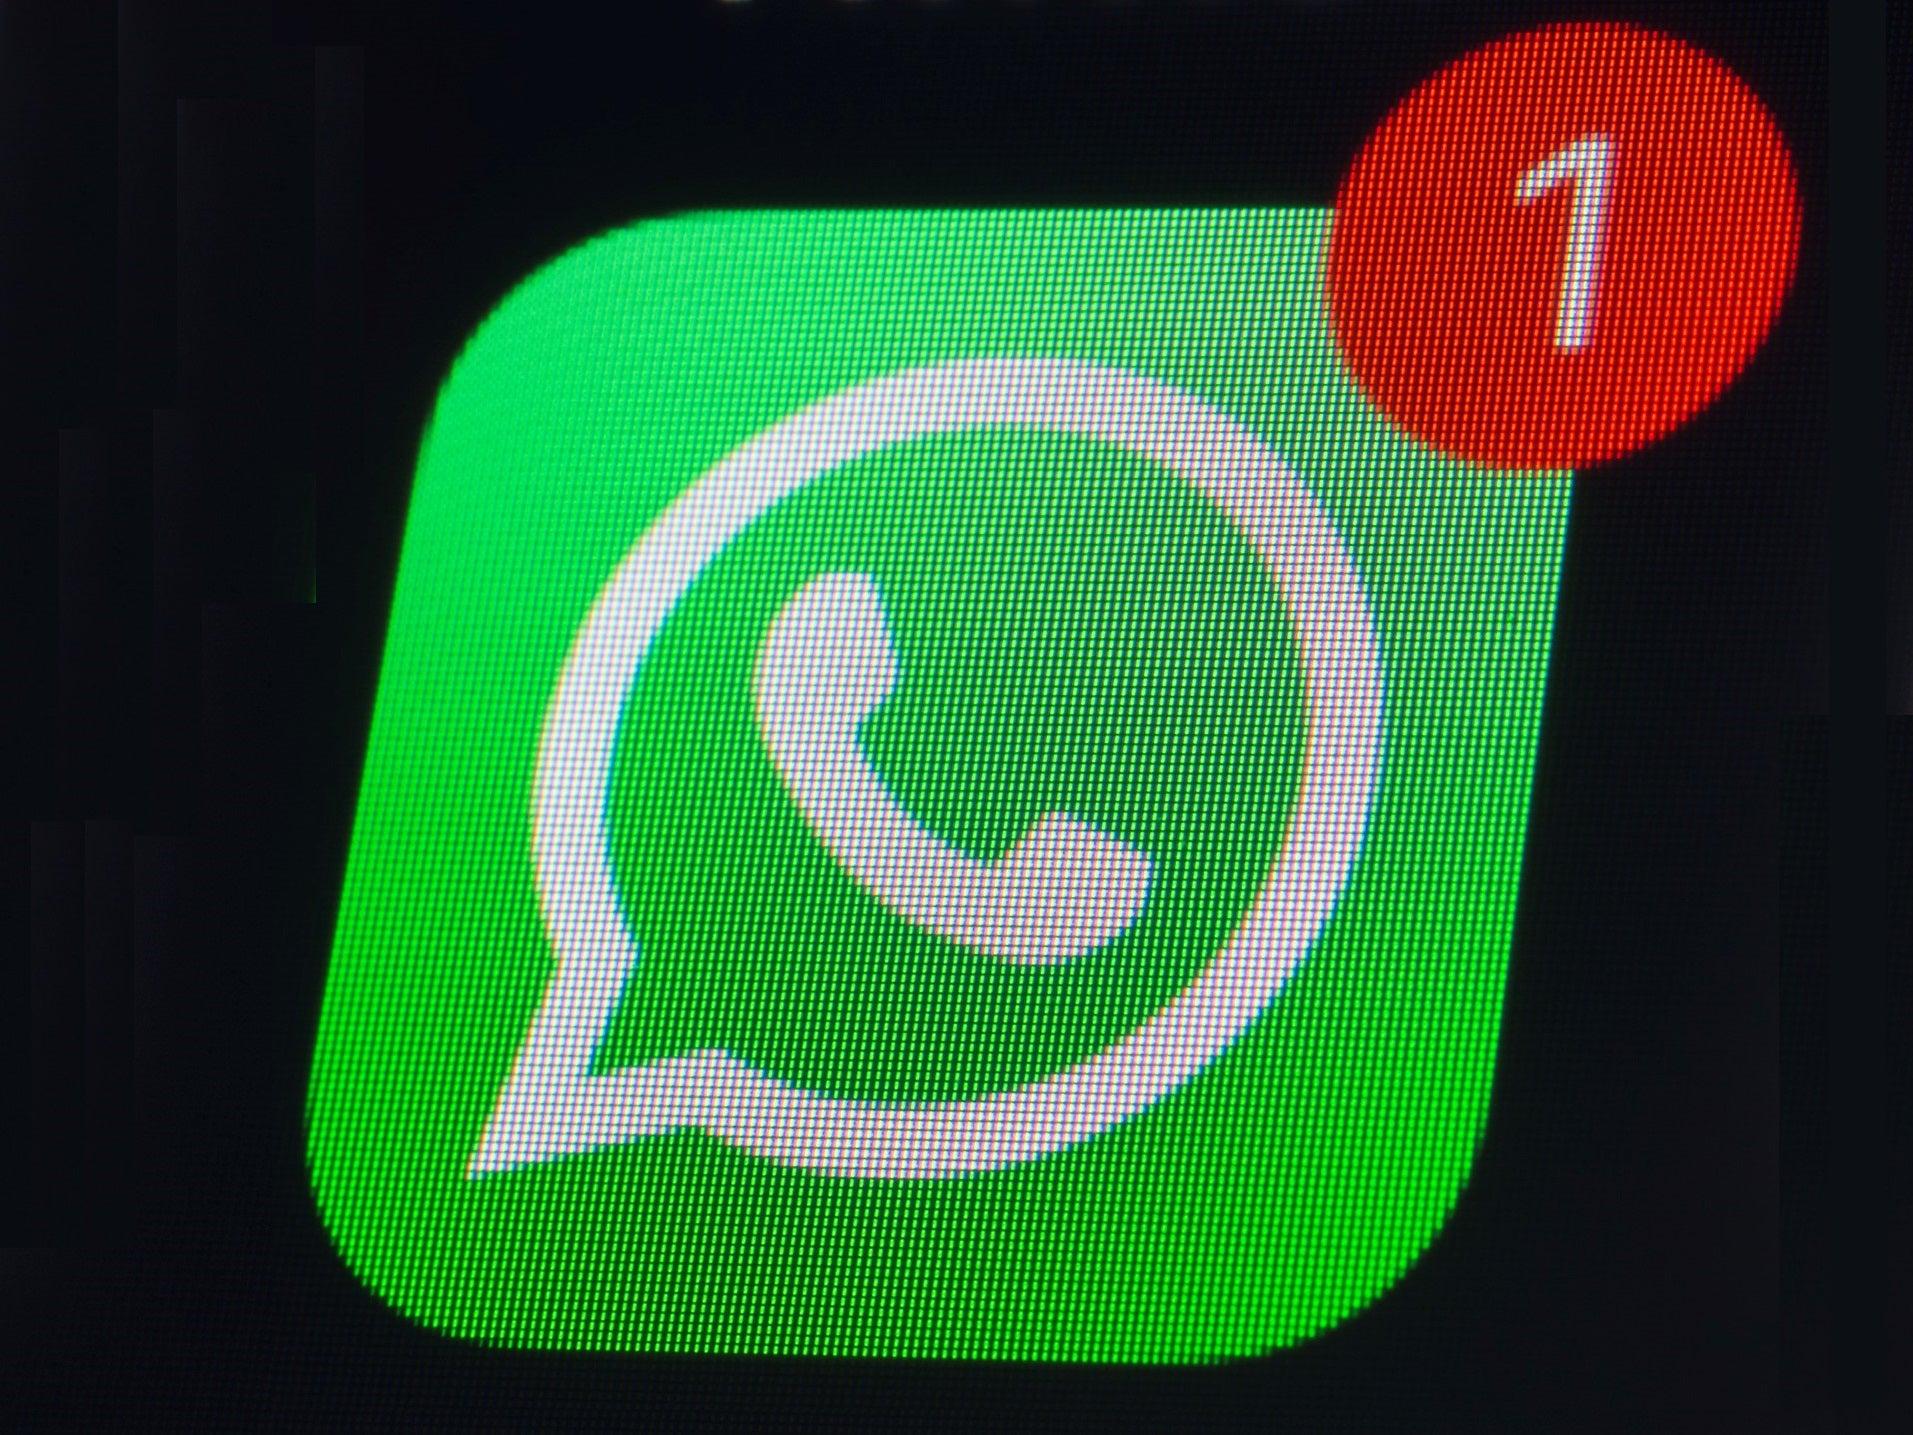 Nuova versione di WhatsApp: nel 2021 non funzionerà su molti smartphone